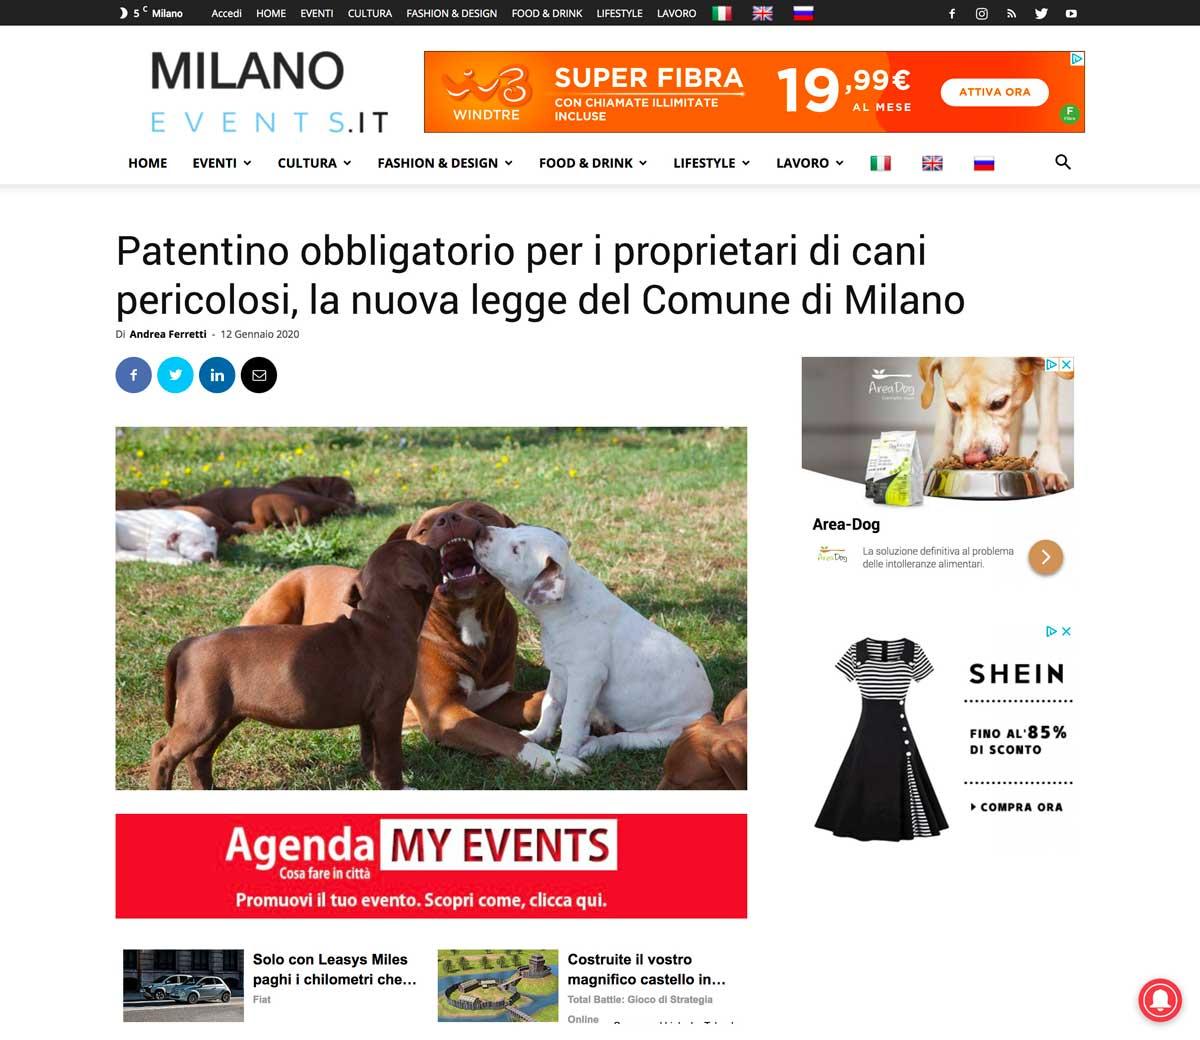 foto Pitbullreserve rubata da milanonews su articolo patentino cani